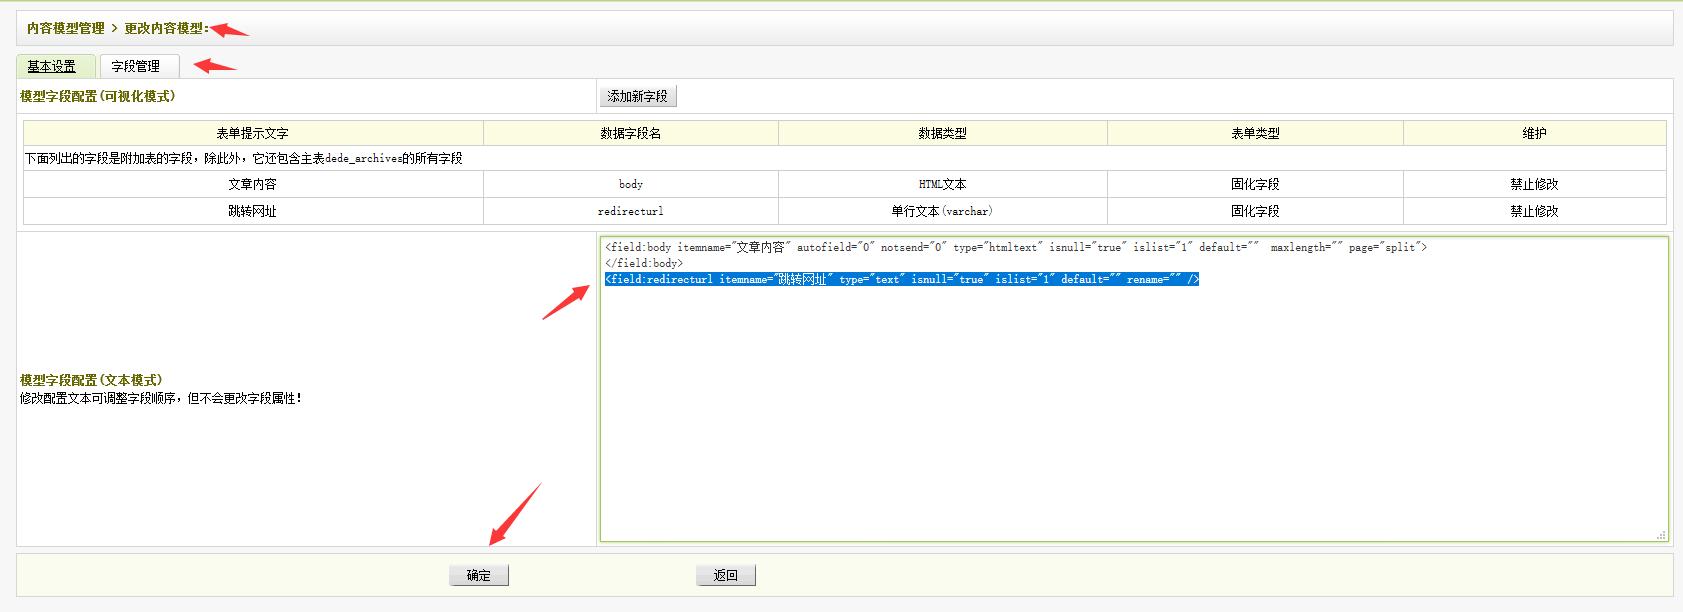 织梦dede文档自定义属性调用输出文章跳转网址